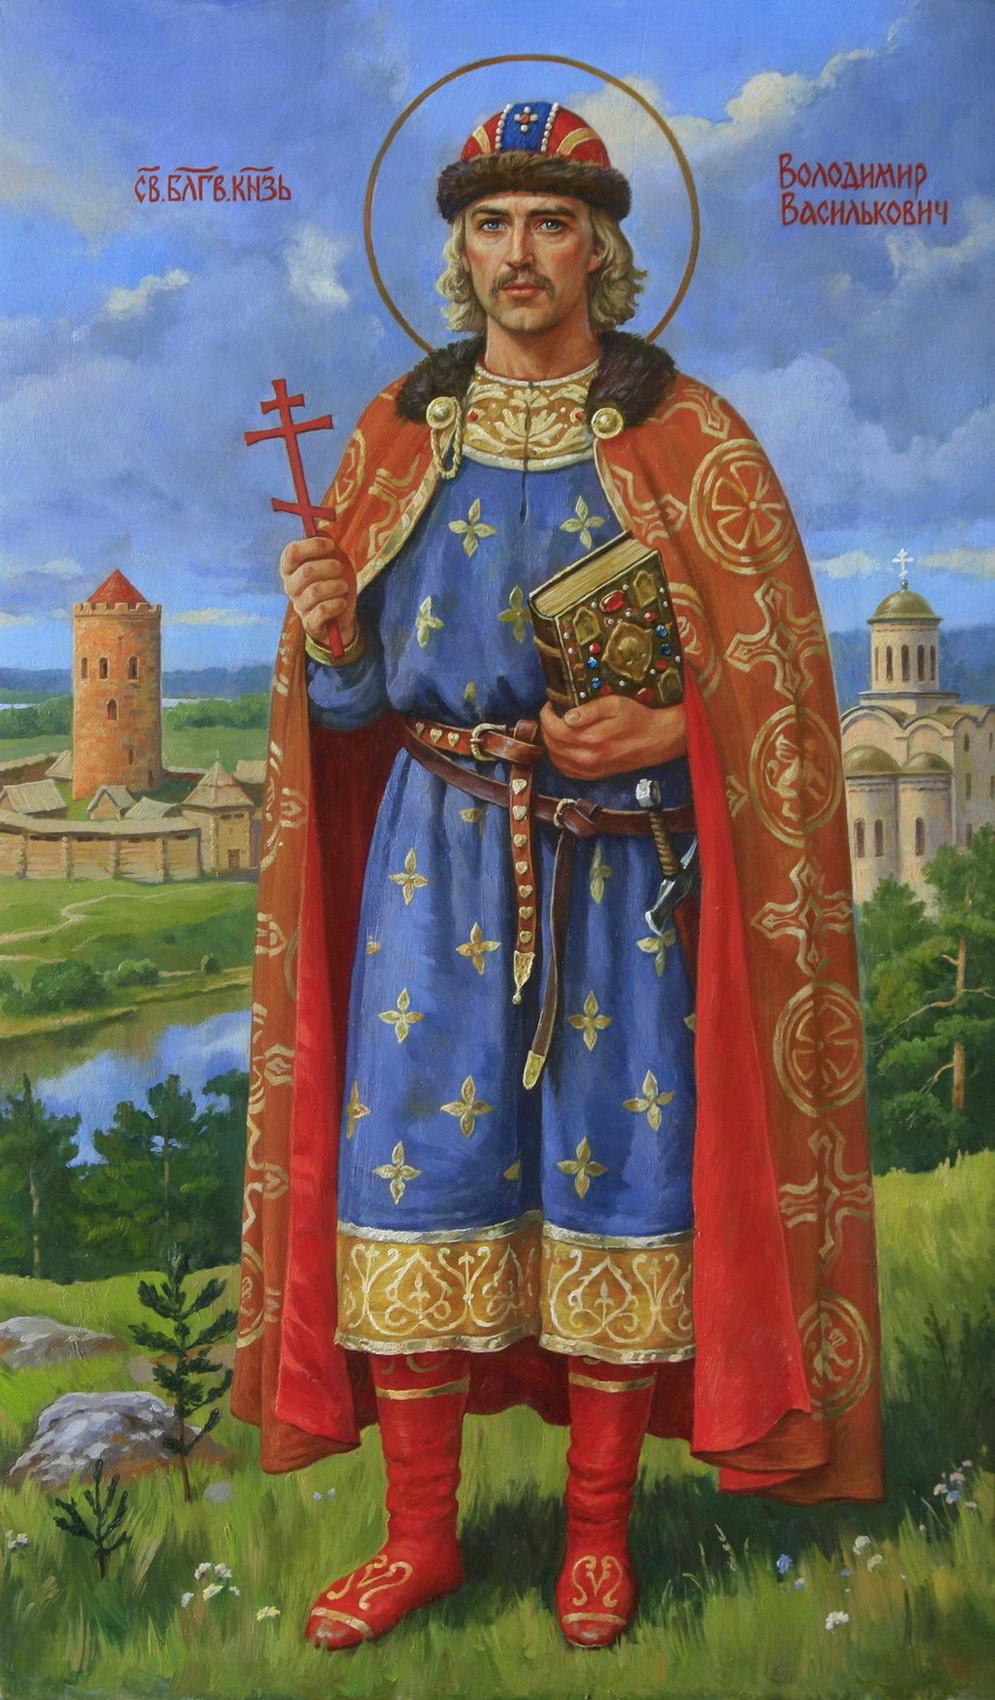 Владимир Василькович